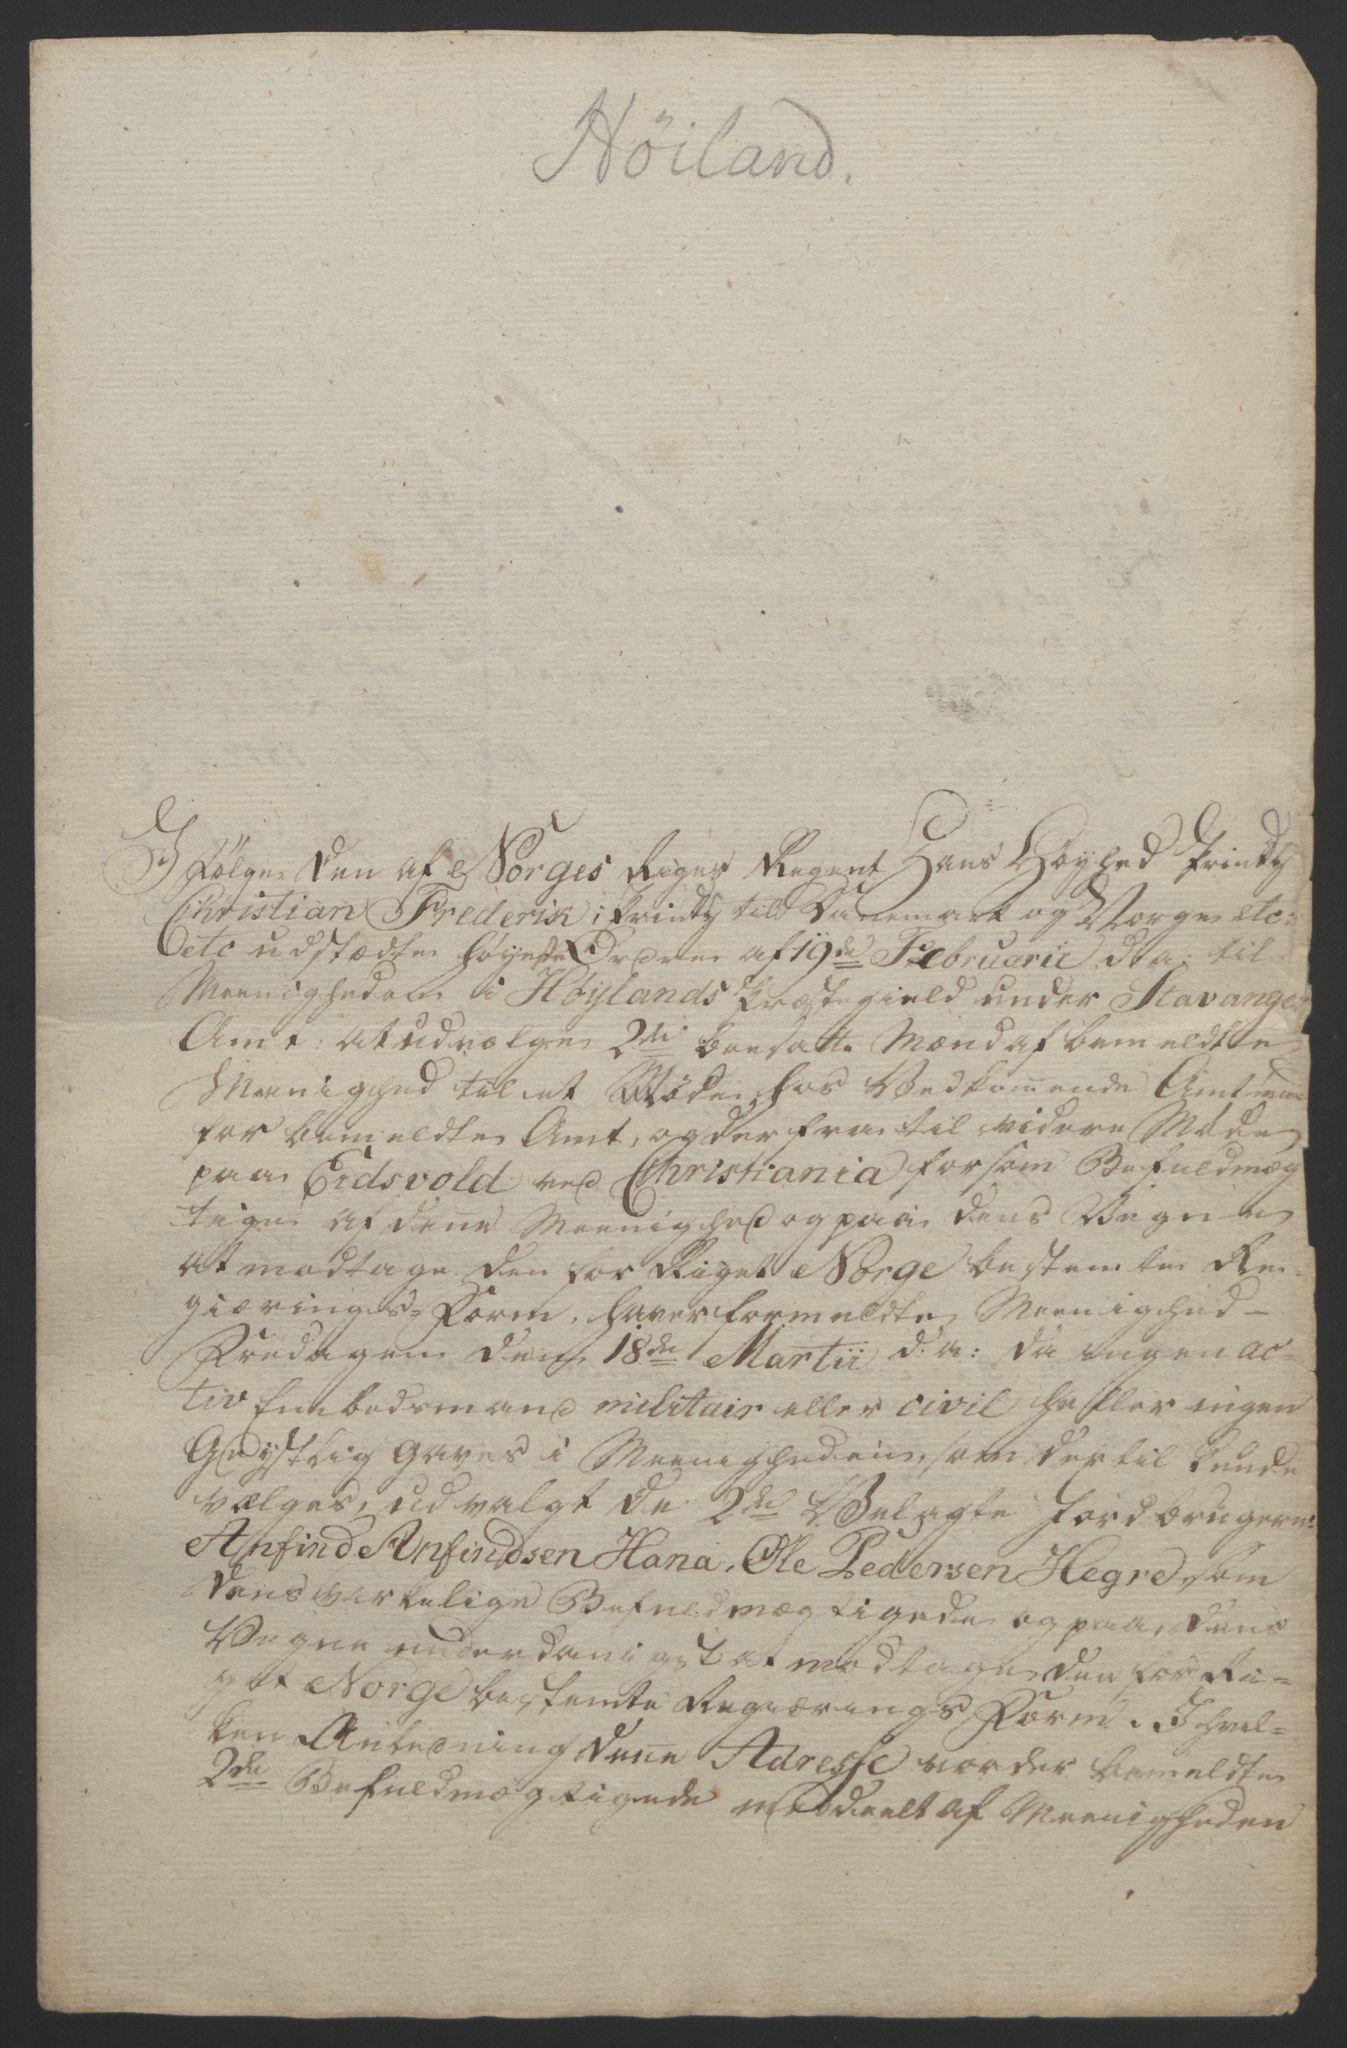 RA, Statsrådssekretariatet, D/Db/L0008: Fullmakter for Eidsvollsrepresentantene i 1814. , 1814, s. 229